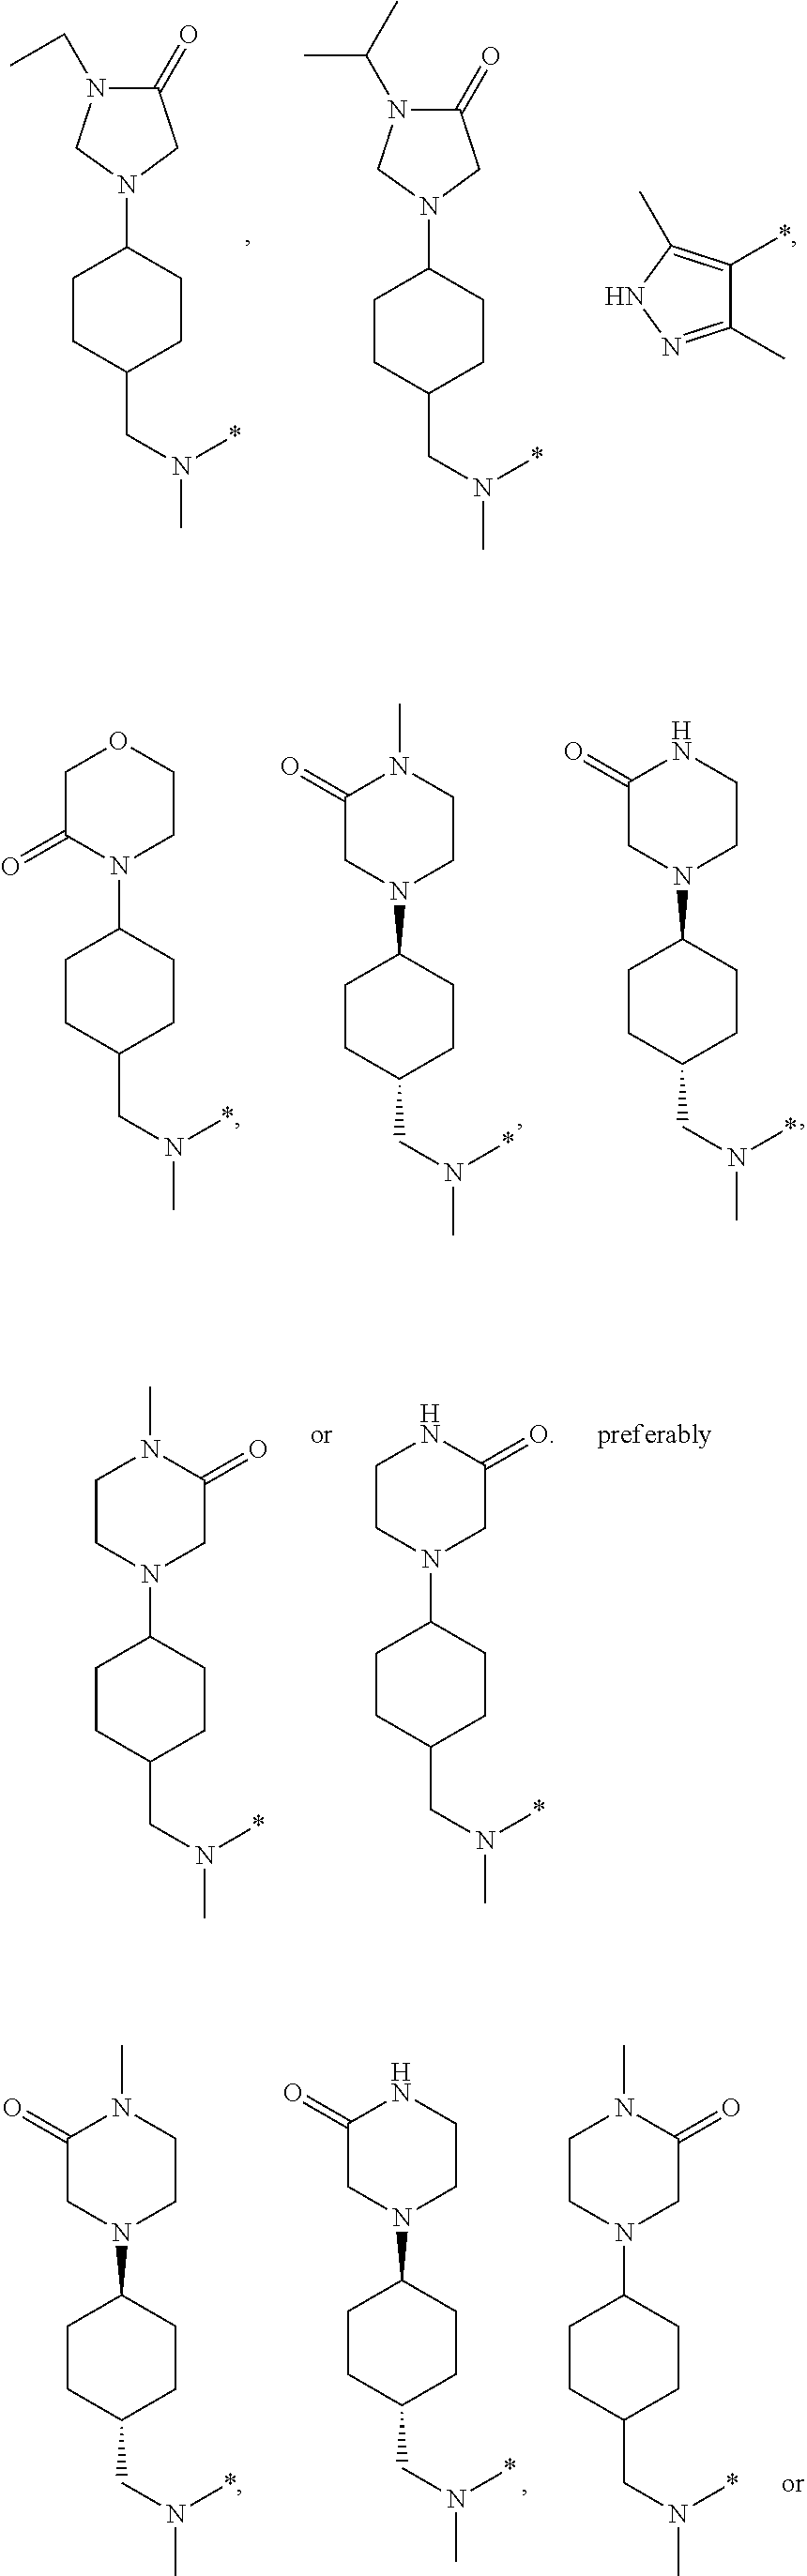 Figure US08440693-20130514-C00041